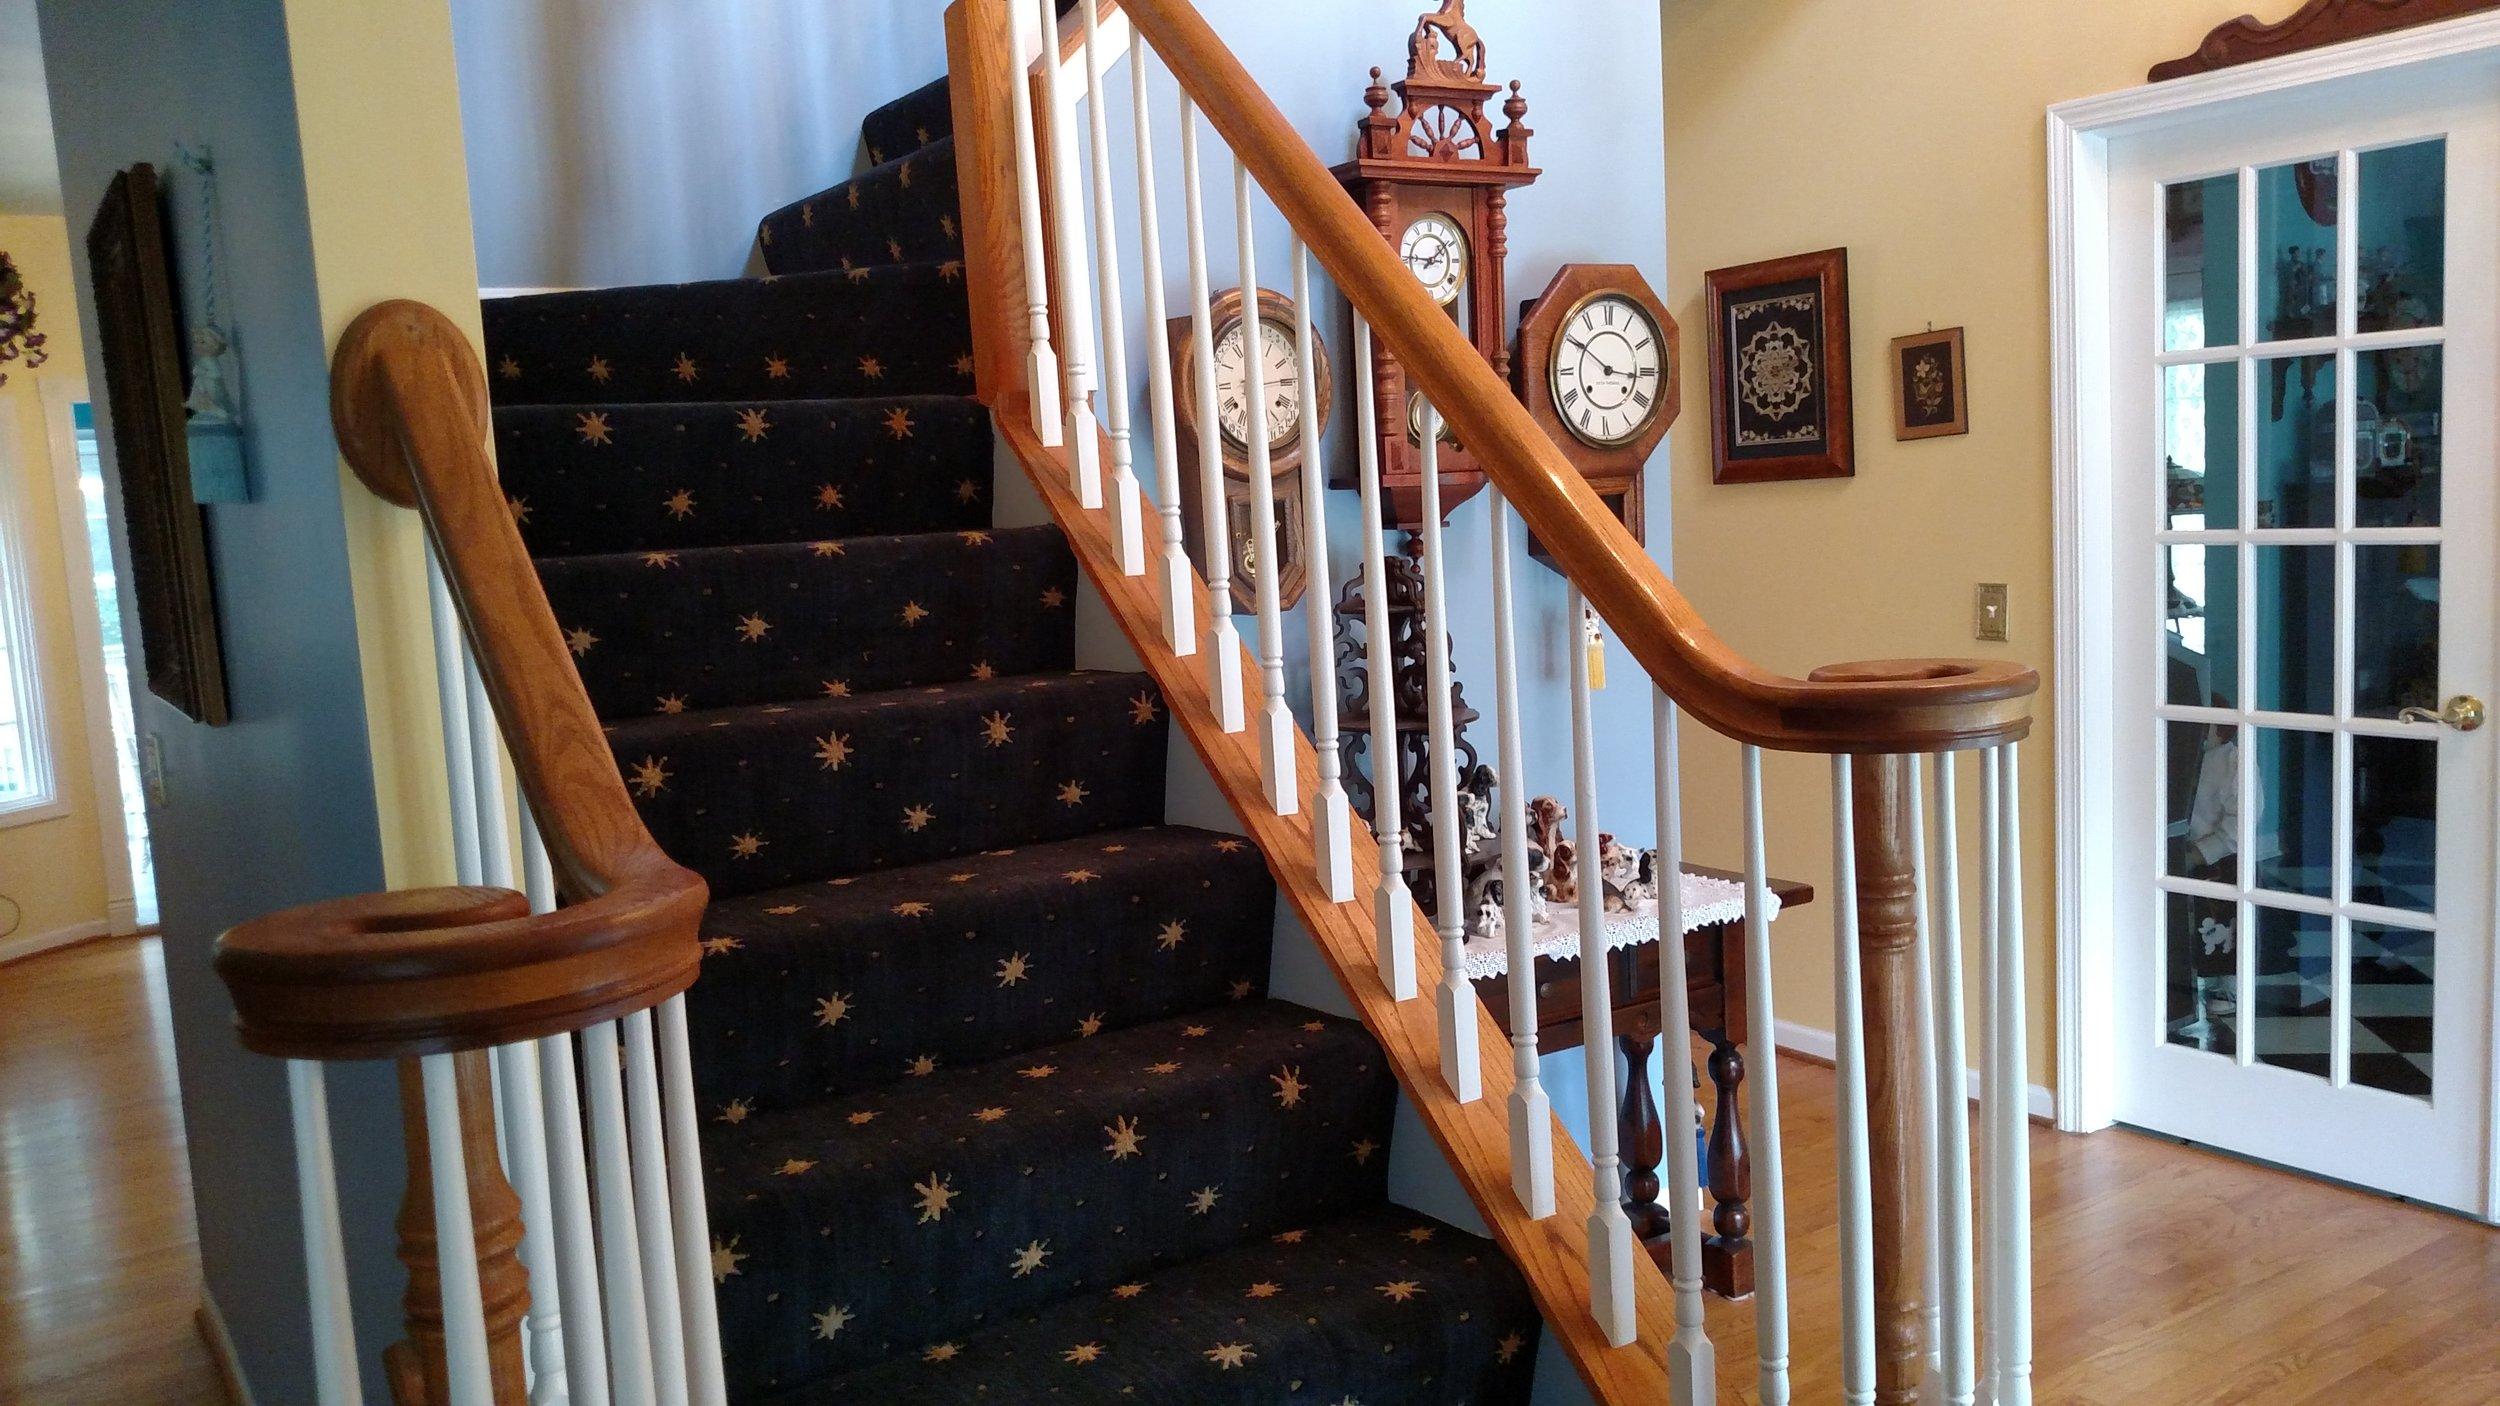 Poole wool Stairway 3.jpg